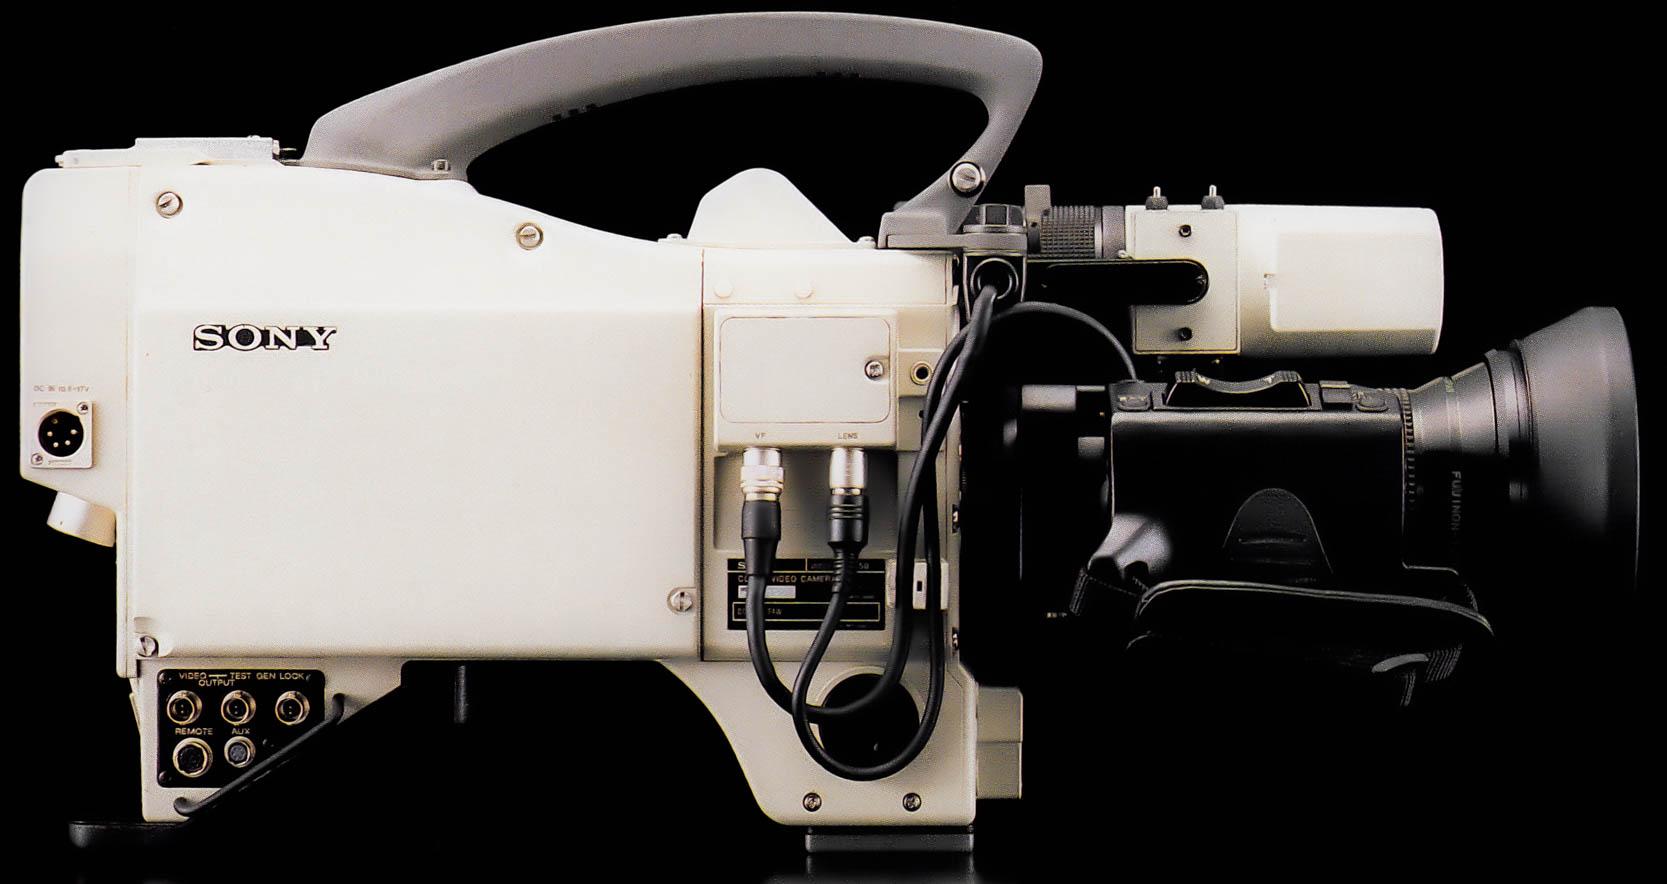 Soyn BVP-350 - Scan of brochure - 4